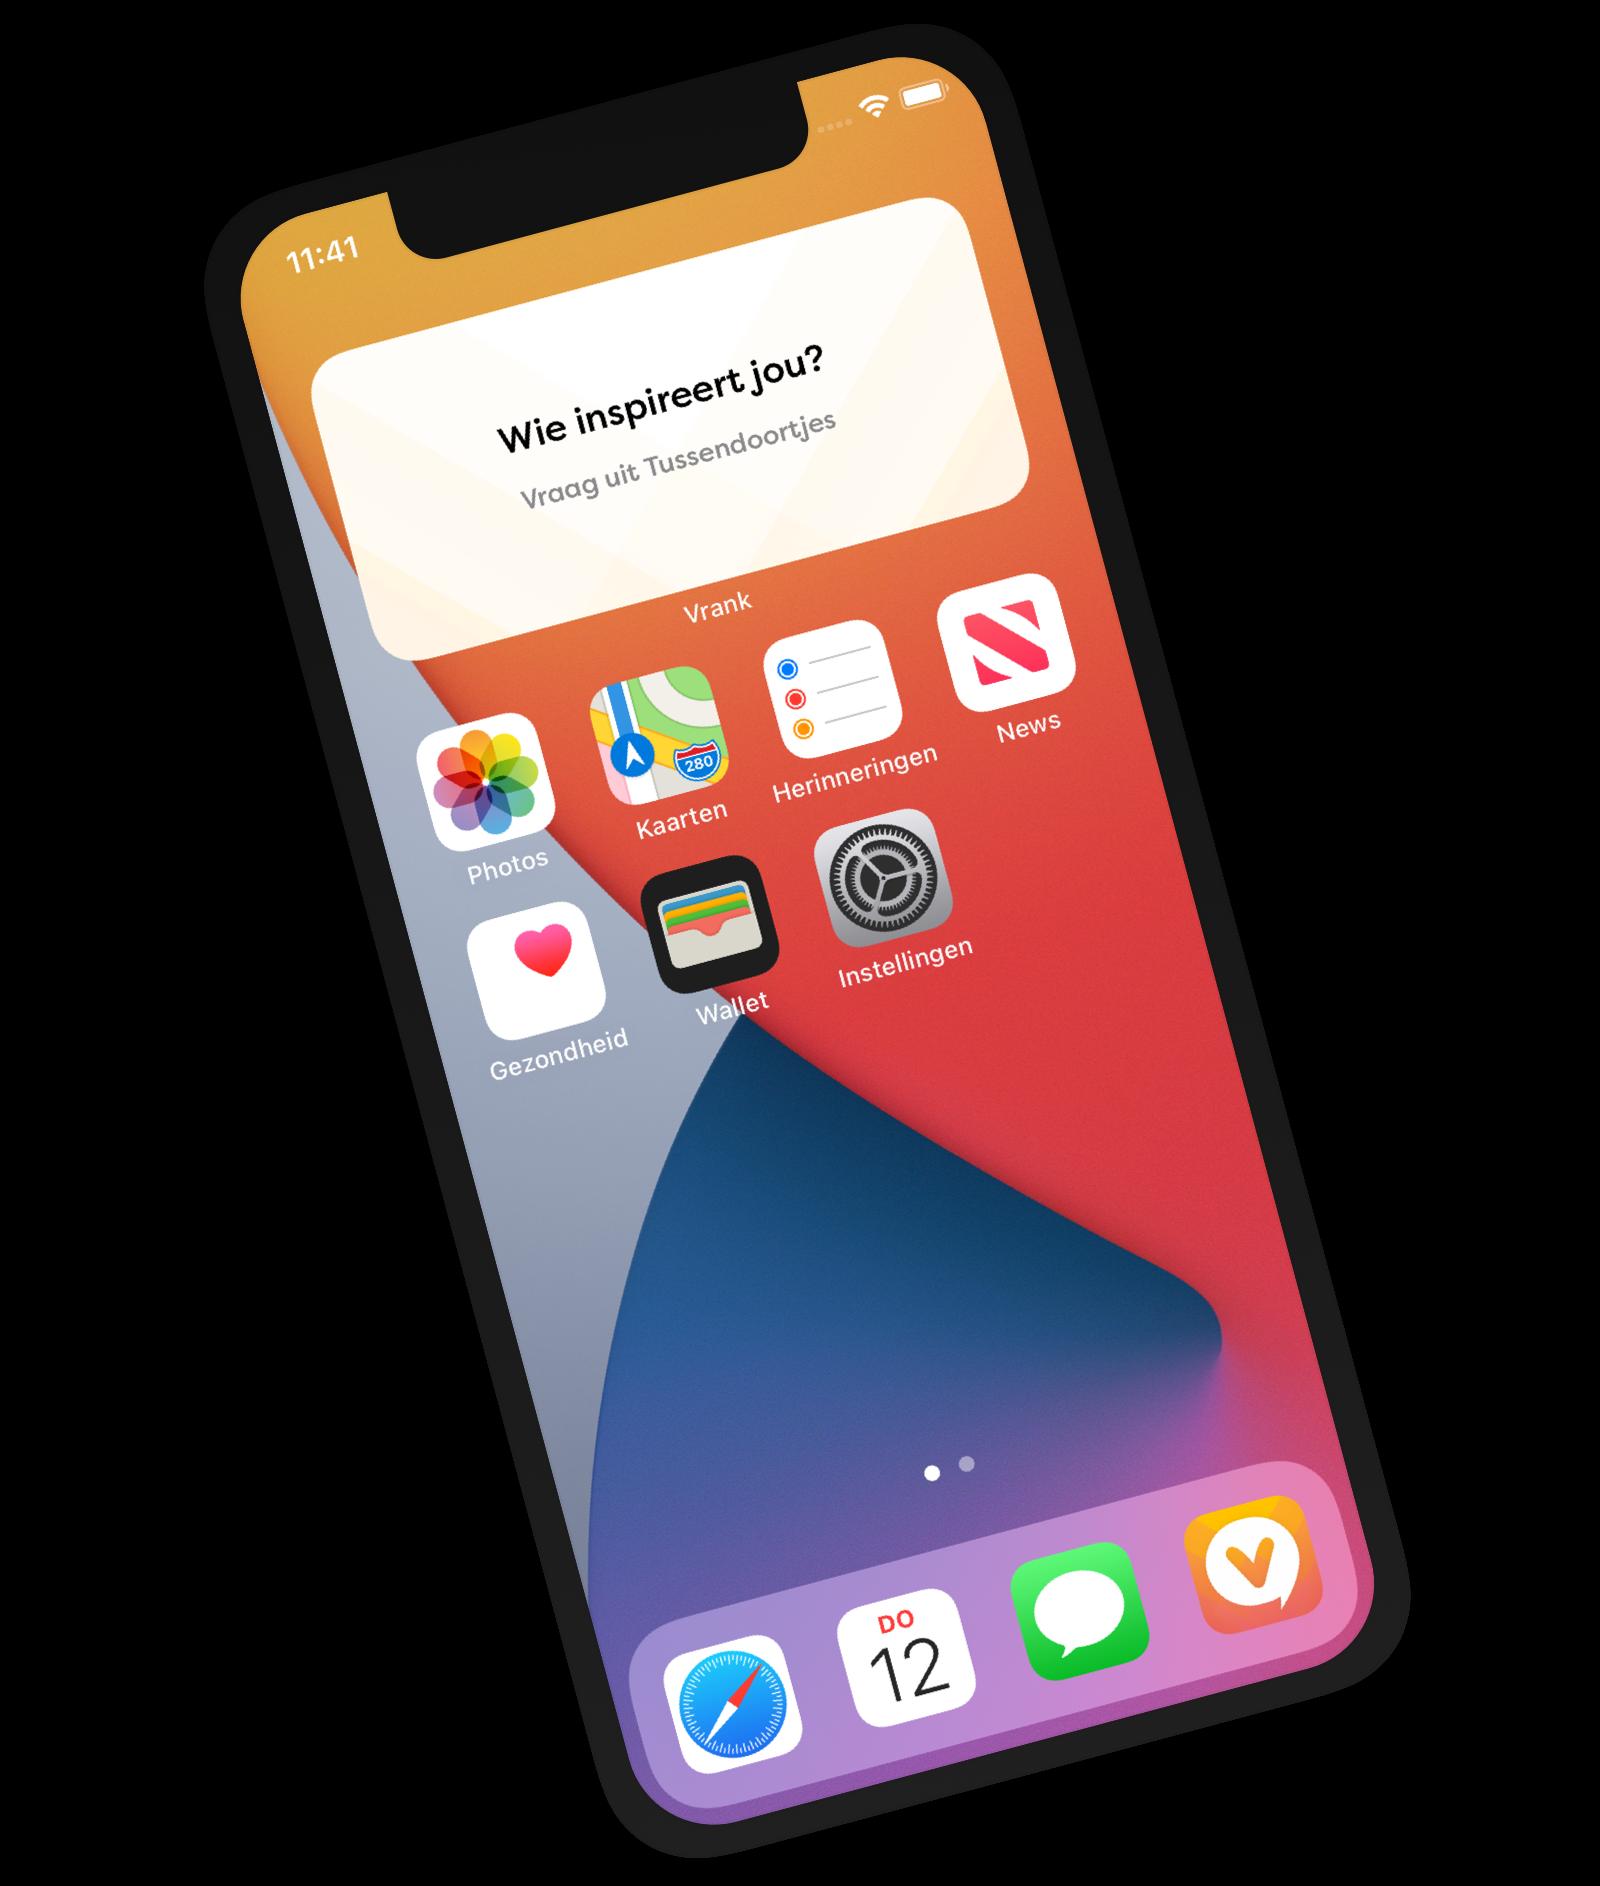 Vrank app met voorbeeld van een widget